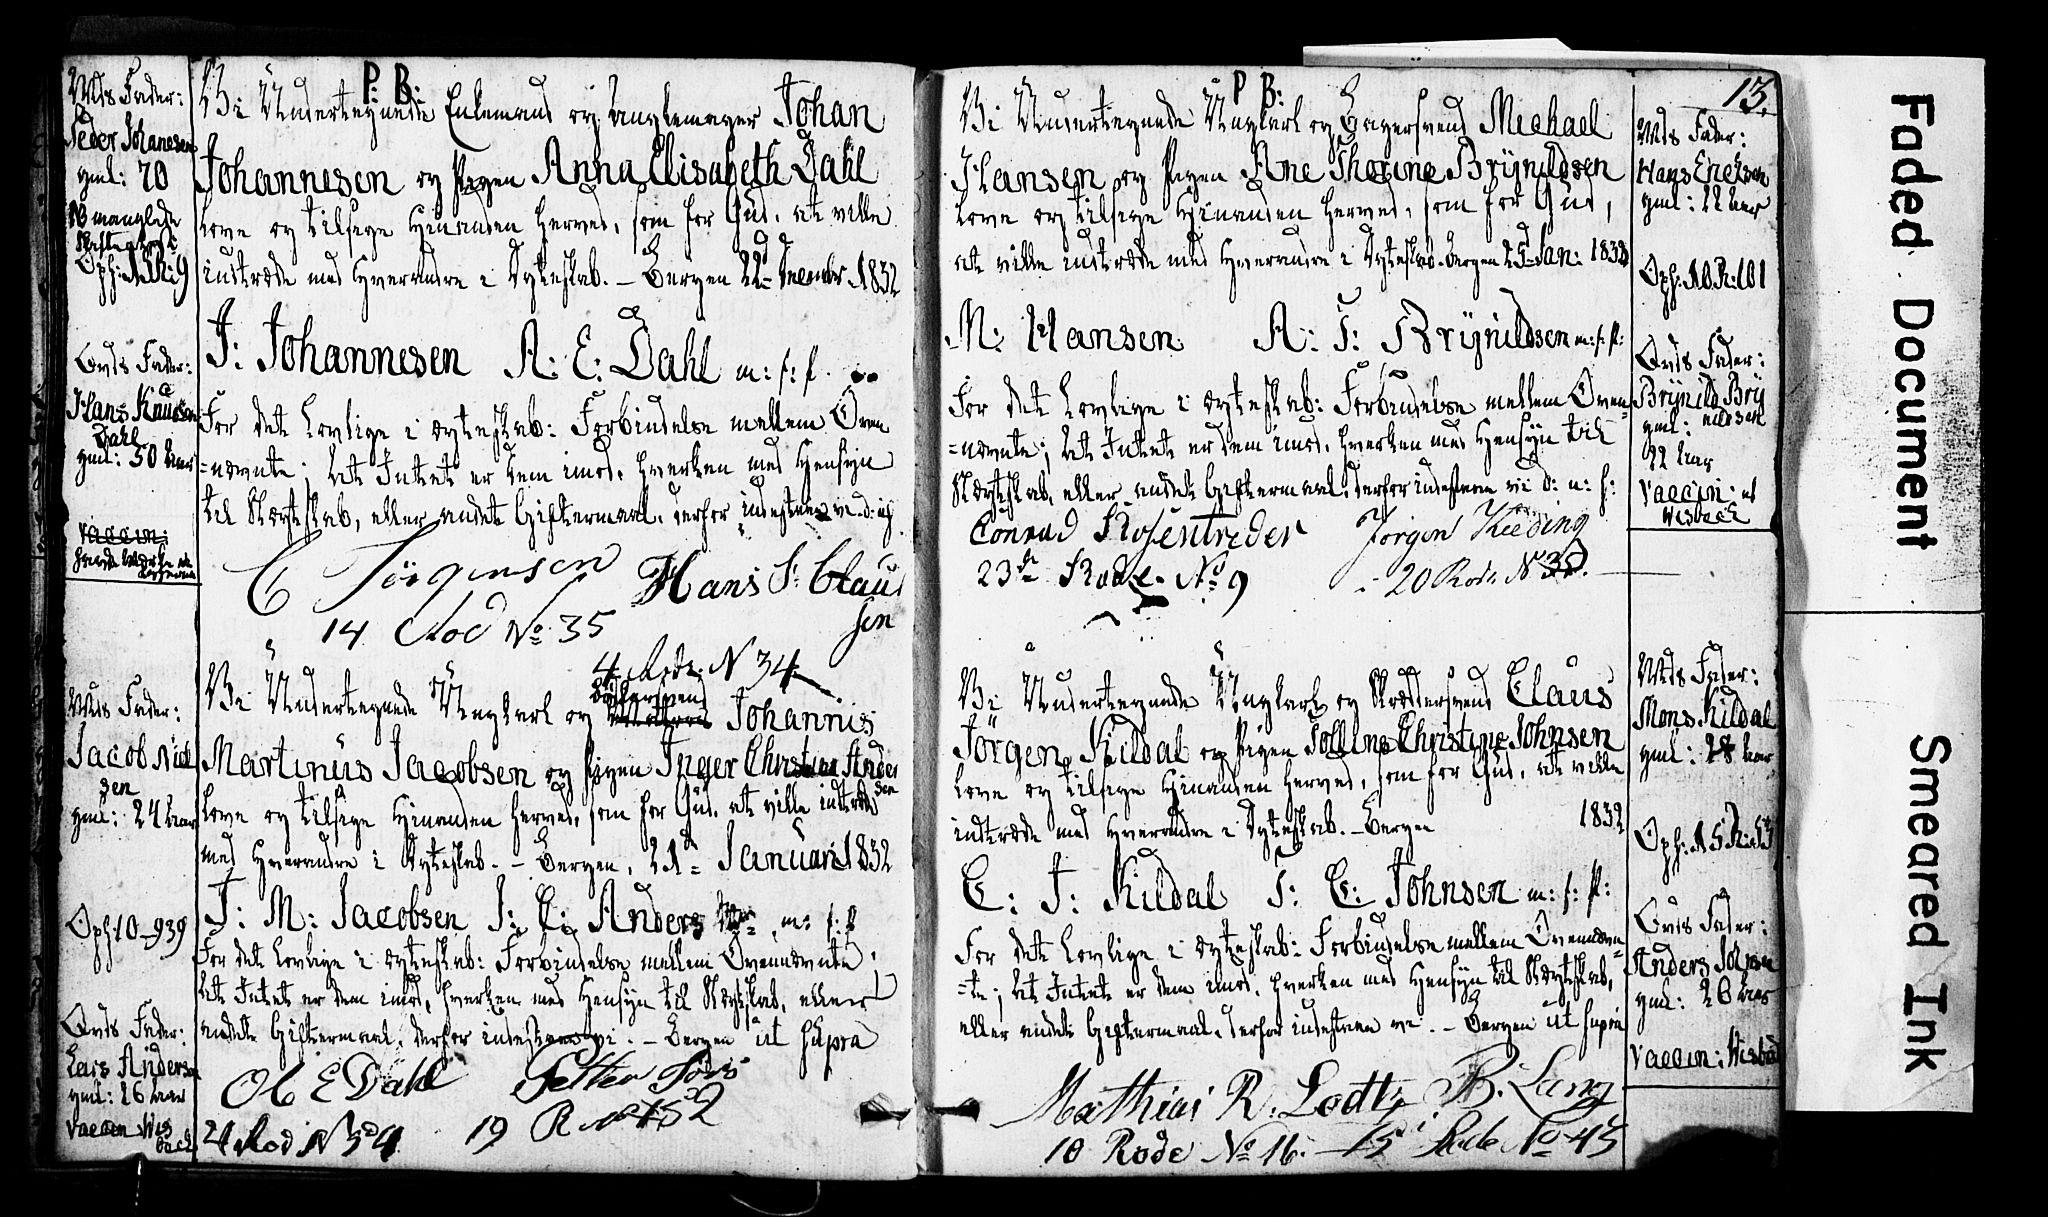 SAB, Domkirken Sokneprestembete, Forlovererklæringer nr. II.5.3, 1832-1845, s. 13